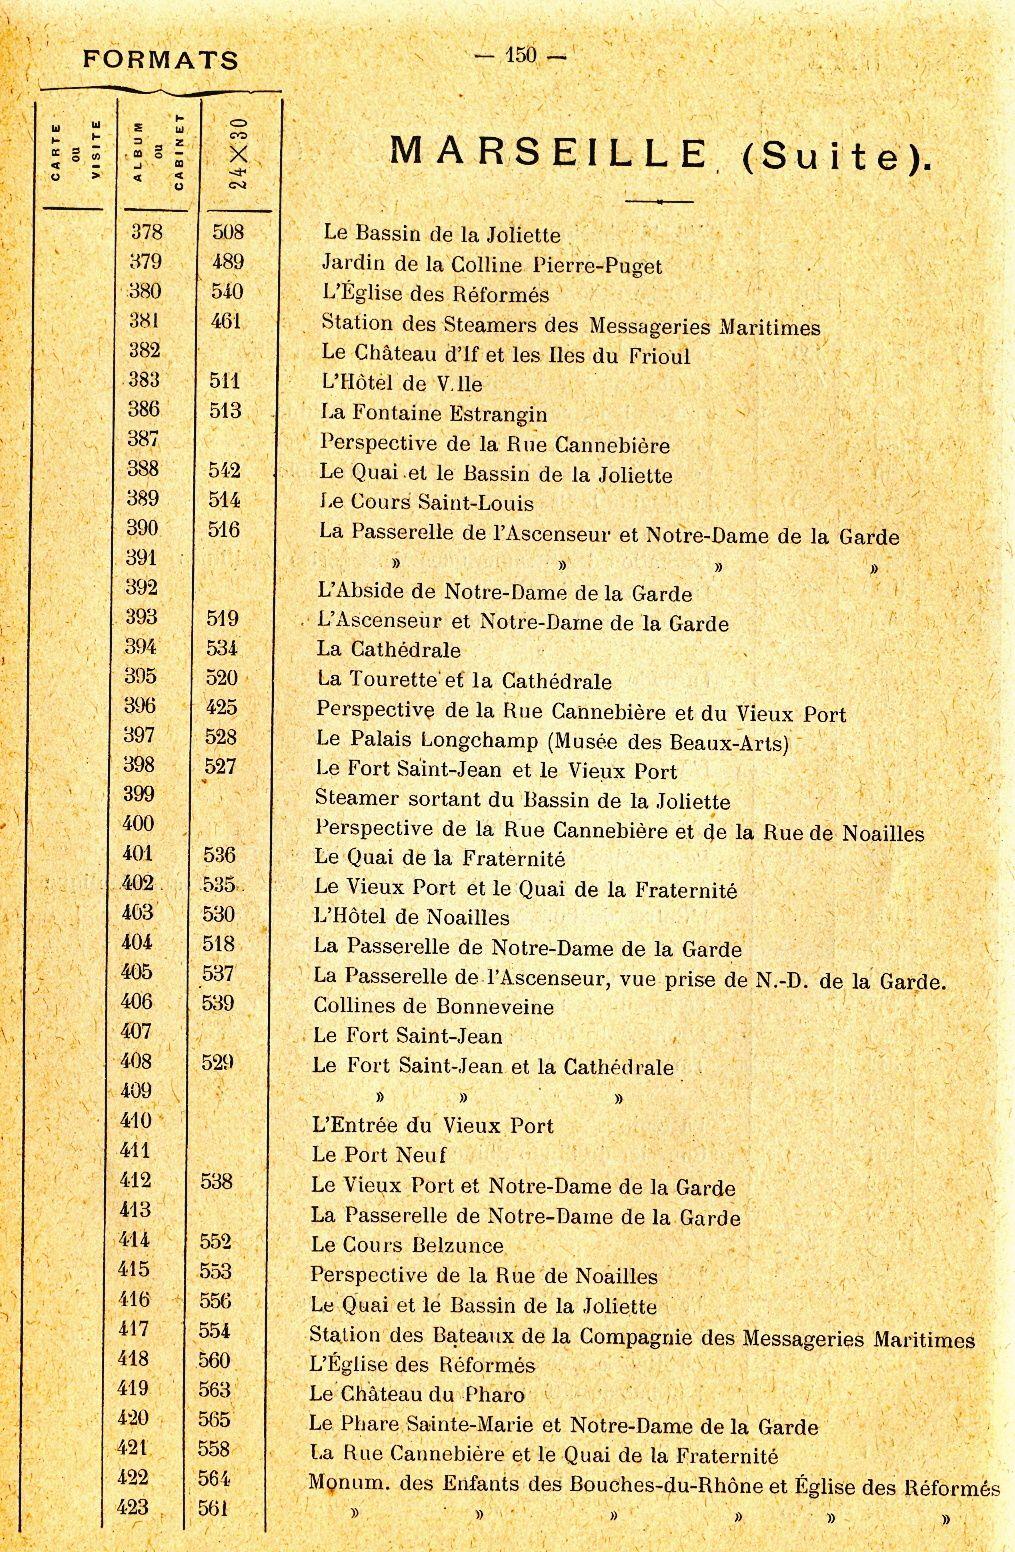 Extrait du catalogue de 1895